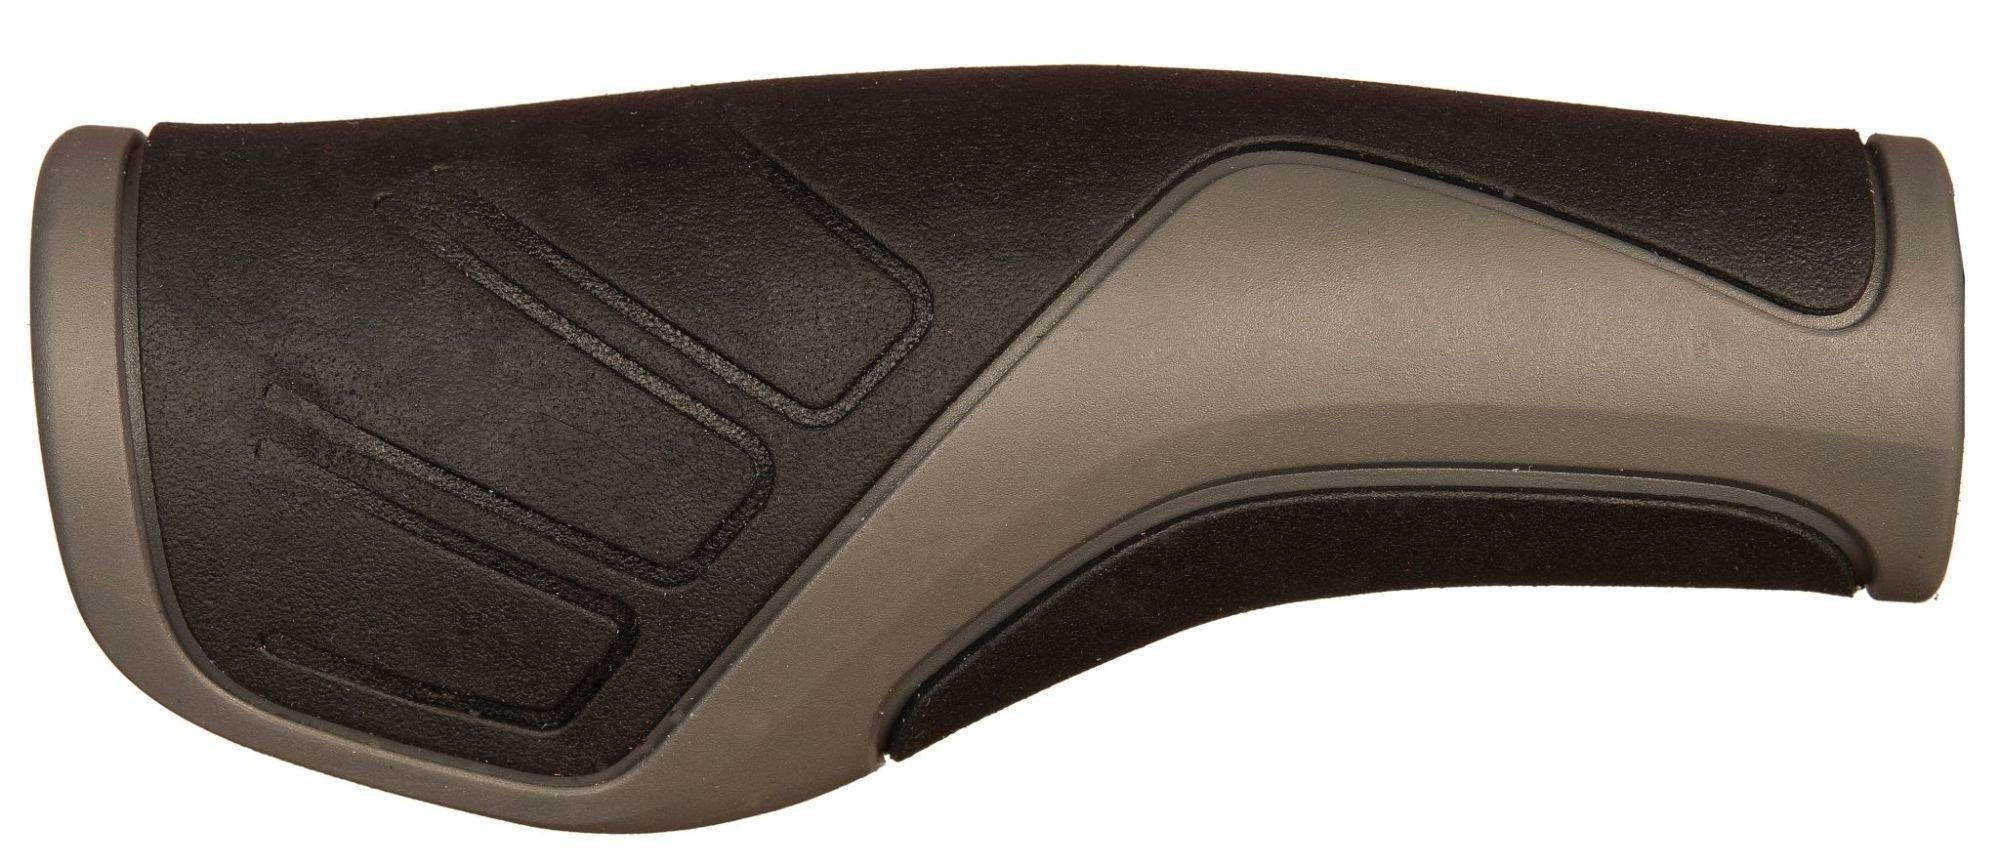 griffe/Lenker: Herrmans  Oxy ergonom. DD29 120 mmTPE Lenkergriffe 120 mm